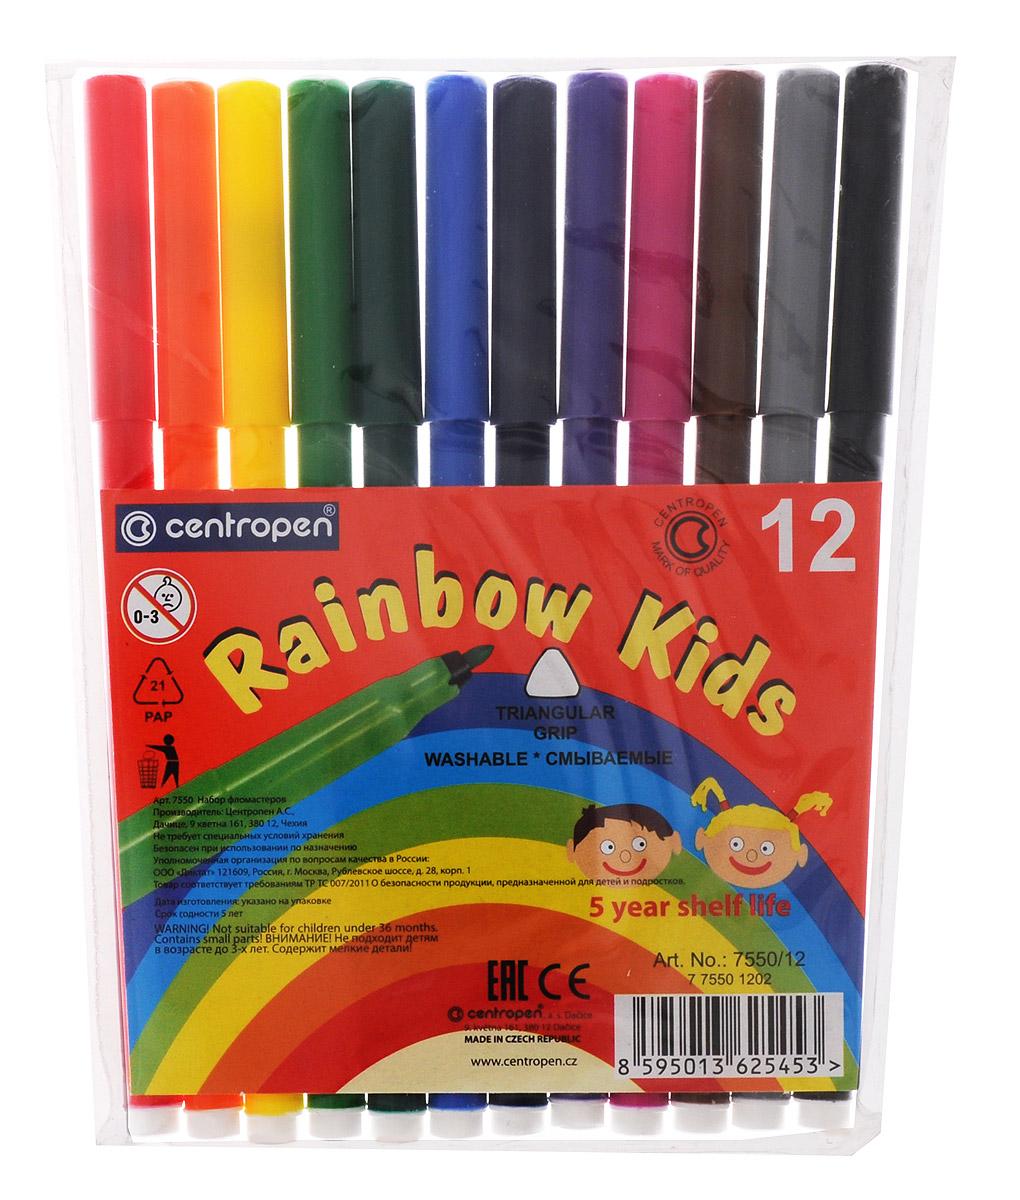 Centropen Набор фломастеров Rainbow Kids 12 цветов7550/12Цветные смываемые фломастеры Rainbow Kids от Centropen всегда помогут вашему маленькому художнику вовсех его творческих начинаниях. Фломастеры оснащены вентилируемым колпачком, поэтому сохраняют своисвойства, не высыхая, минимум 3 года. Эргономичная треугольная зона обхвата корпуса позволяет использоватьих с большим комфортом. Цилиндрический пишущий узел достаточно устойчив к вдавливанию. Фломастеры легкосмываются с рук даже холодной водой и очень легко отстирываются. Набор состоит из 12 разноцветных фломастеров. Рекомендуемый возраст: от 3-х лет.